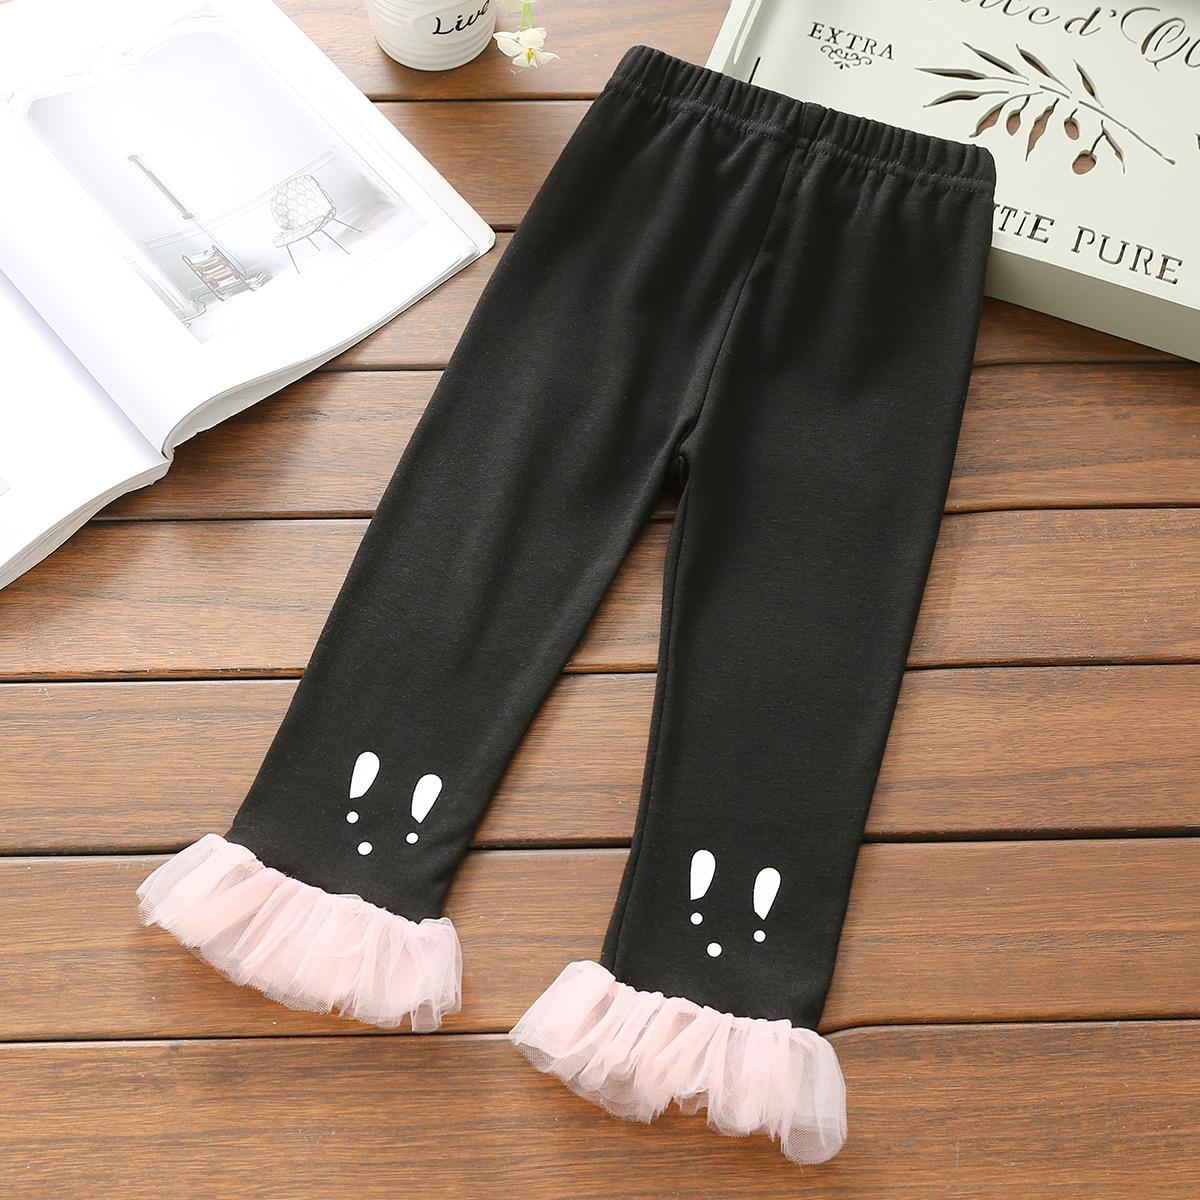 С оборками графический принт повседневный брюки для маленьких девочек